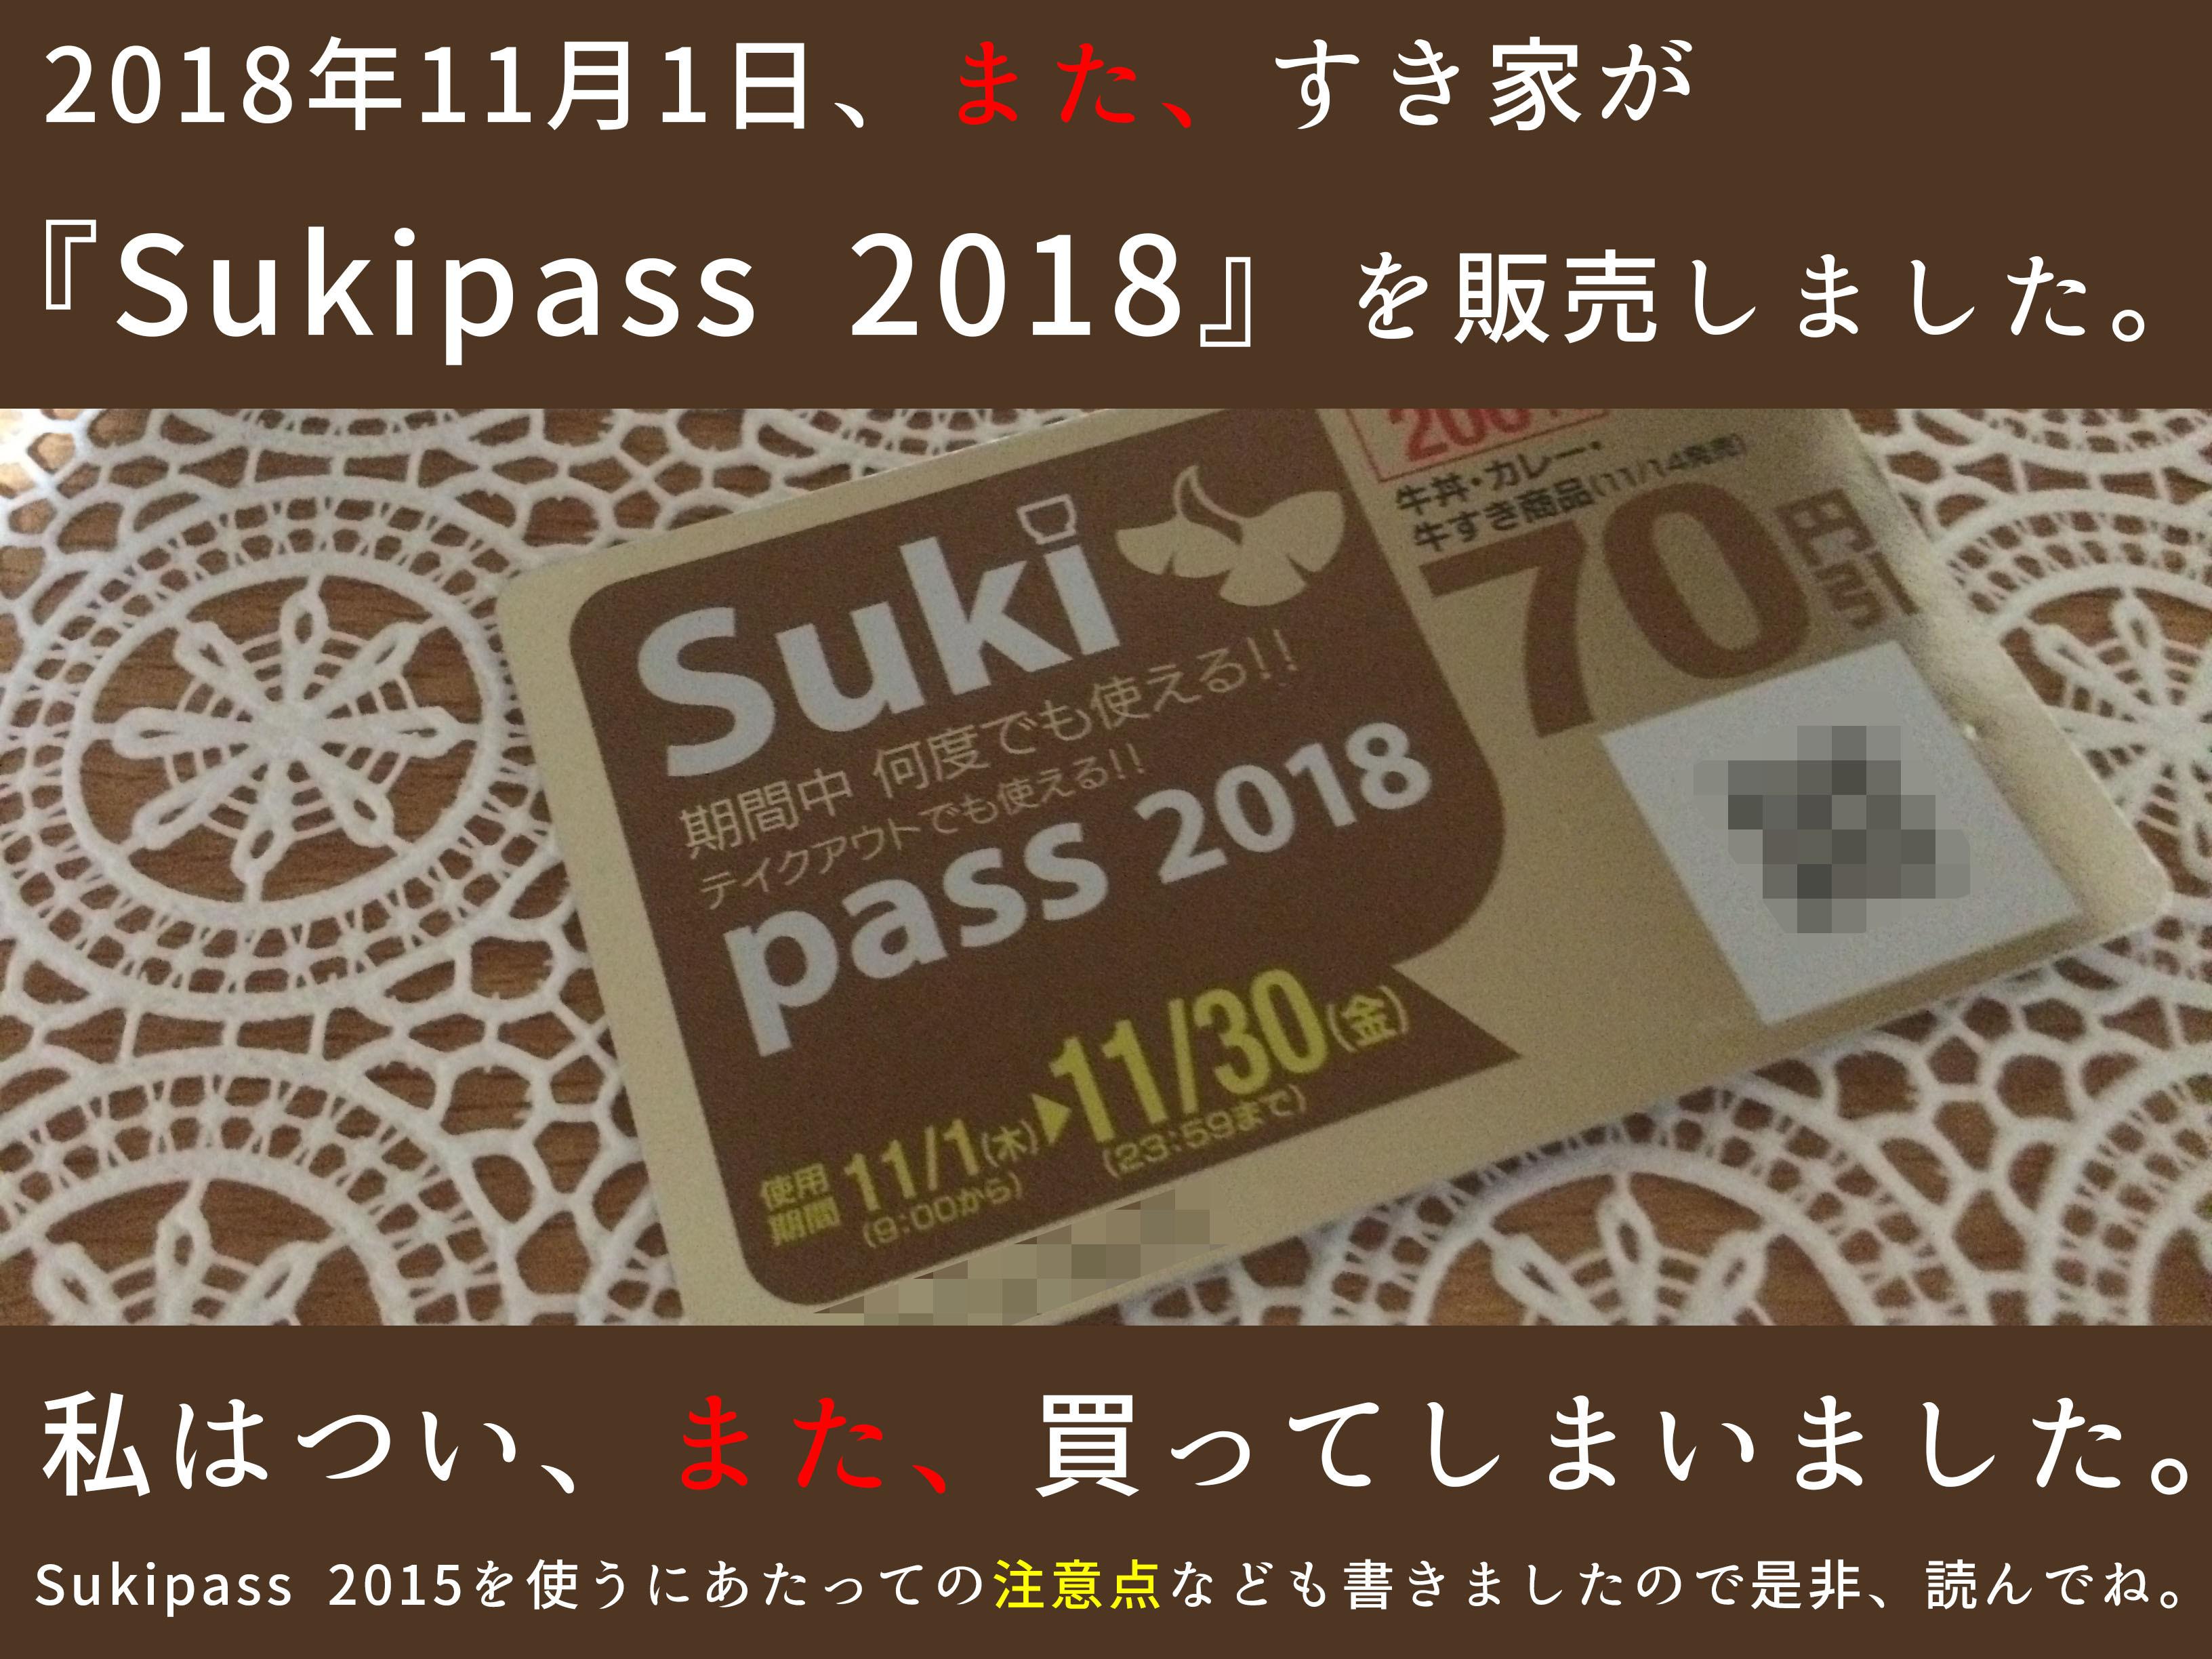 sukipas2018-5